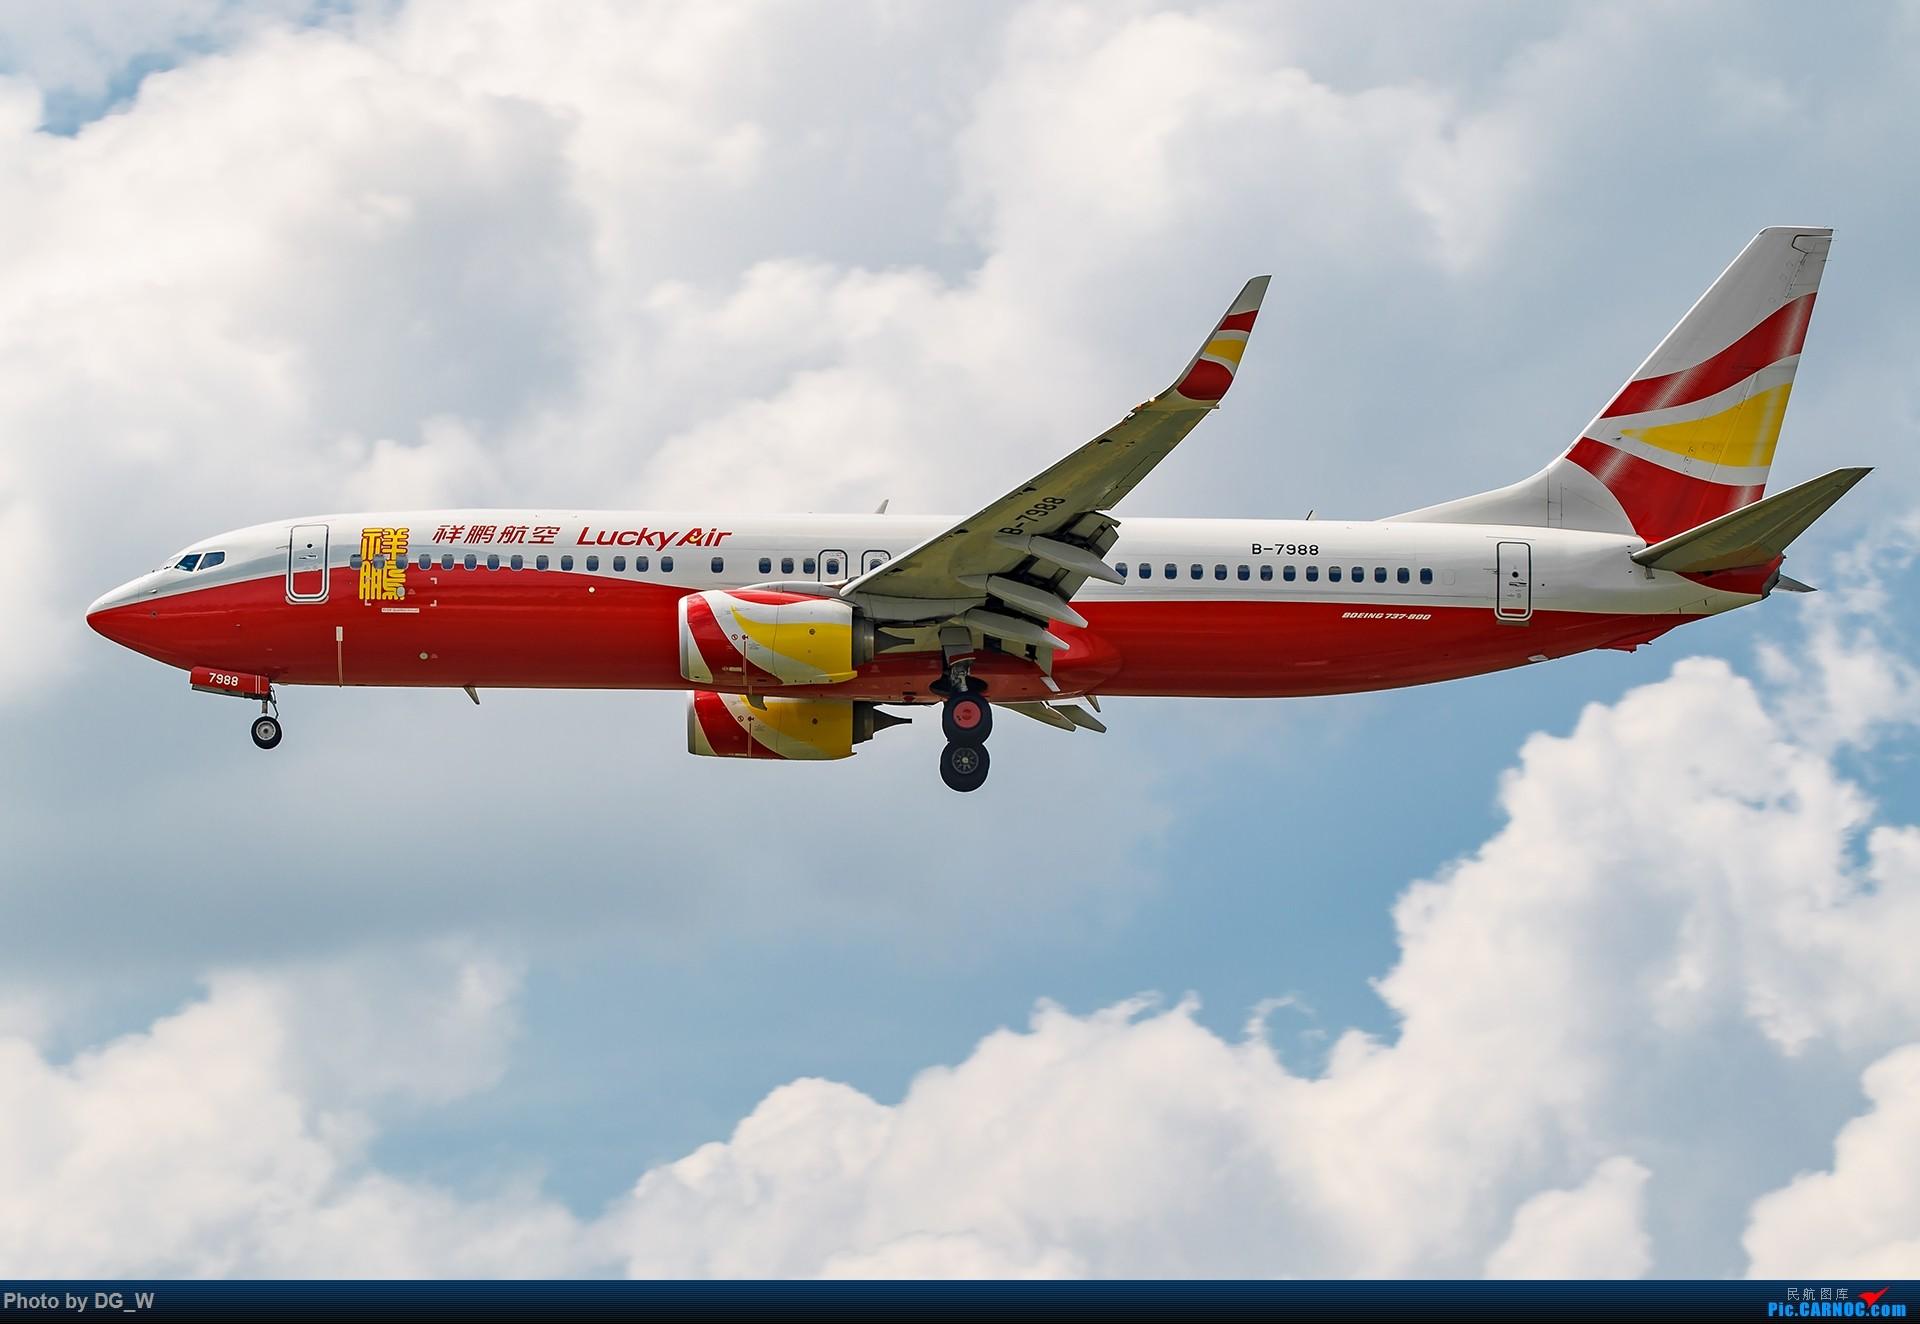 Re:[原创]【南宁飞友】难得的23跑道落地视角和宽体机 BOEING 737-800 B-7988 中国南宁吴圩国际机场